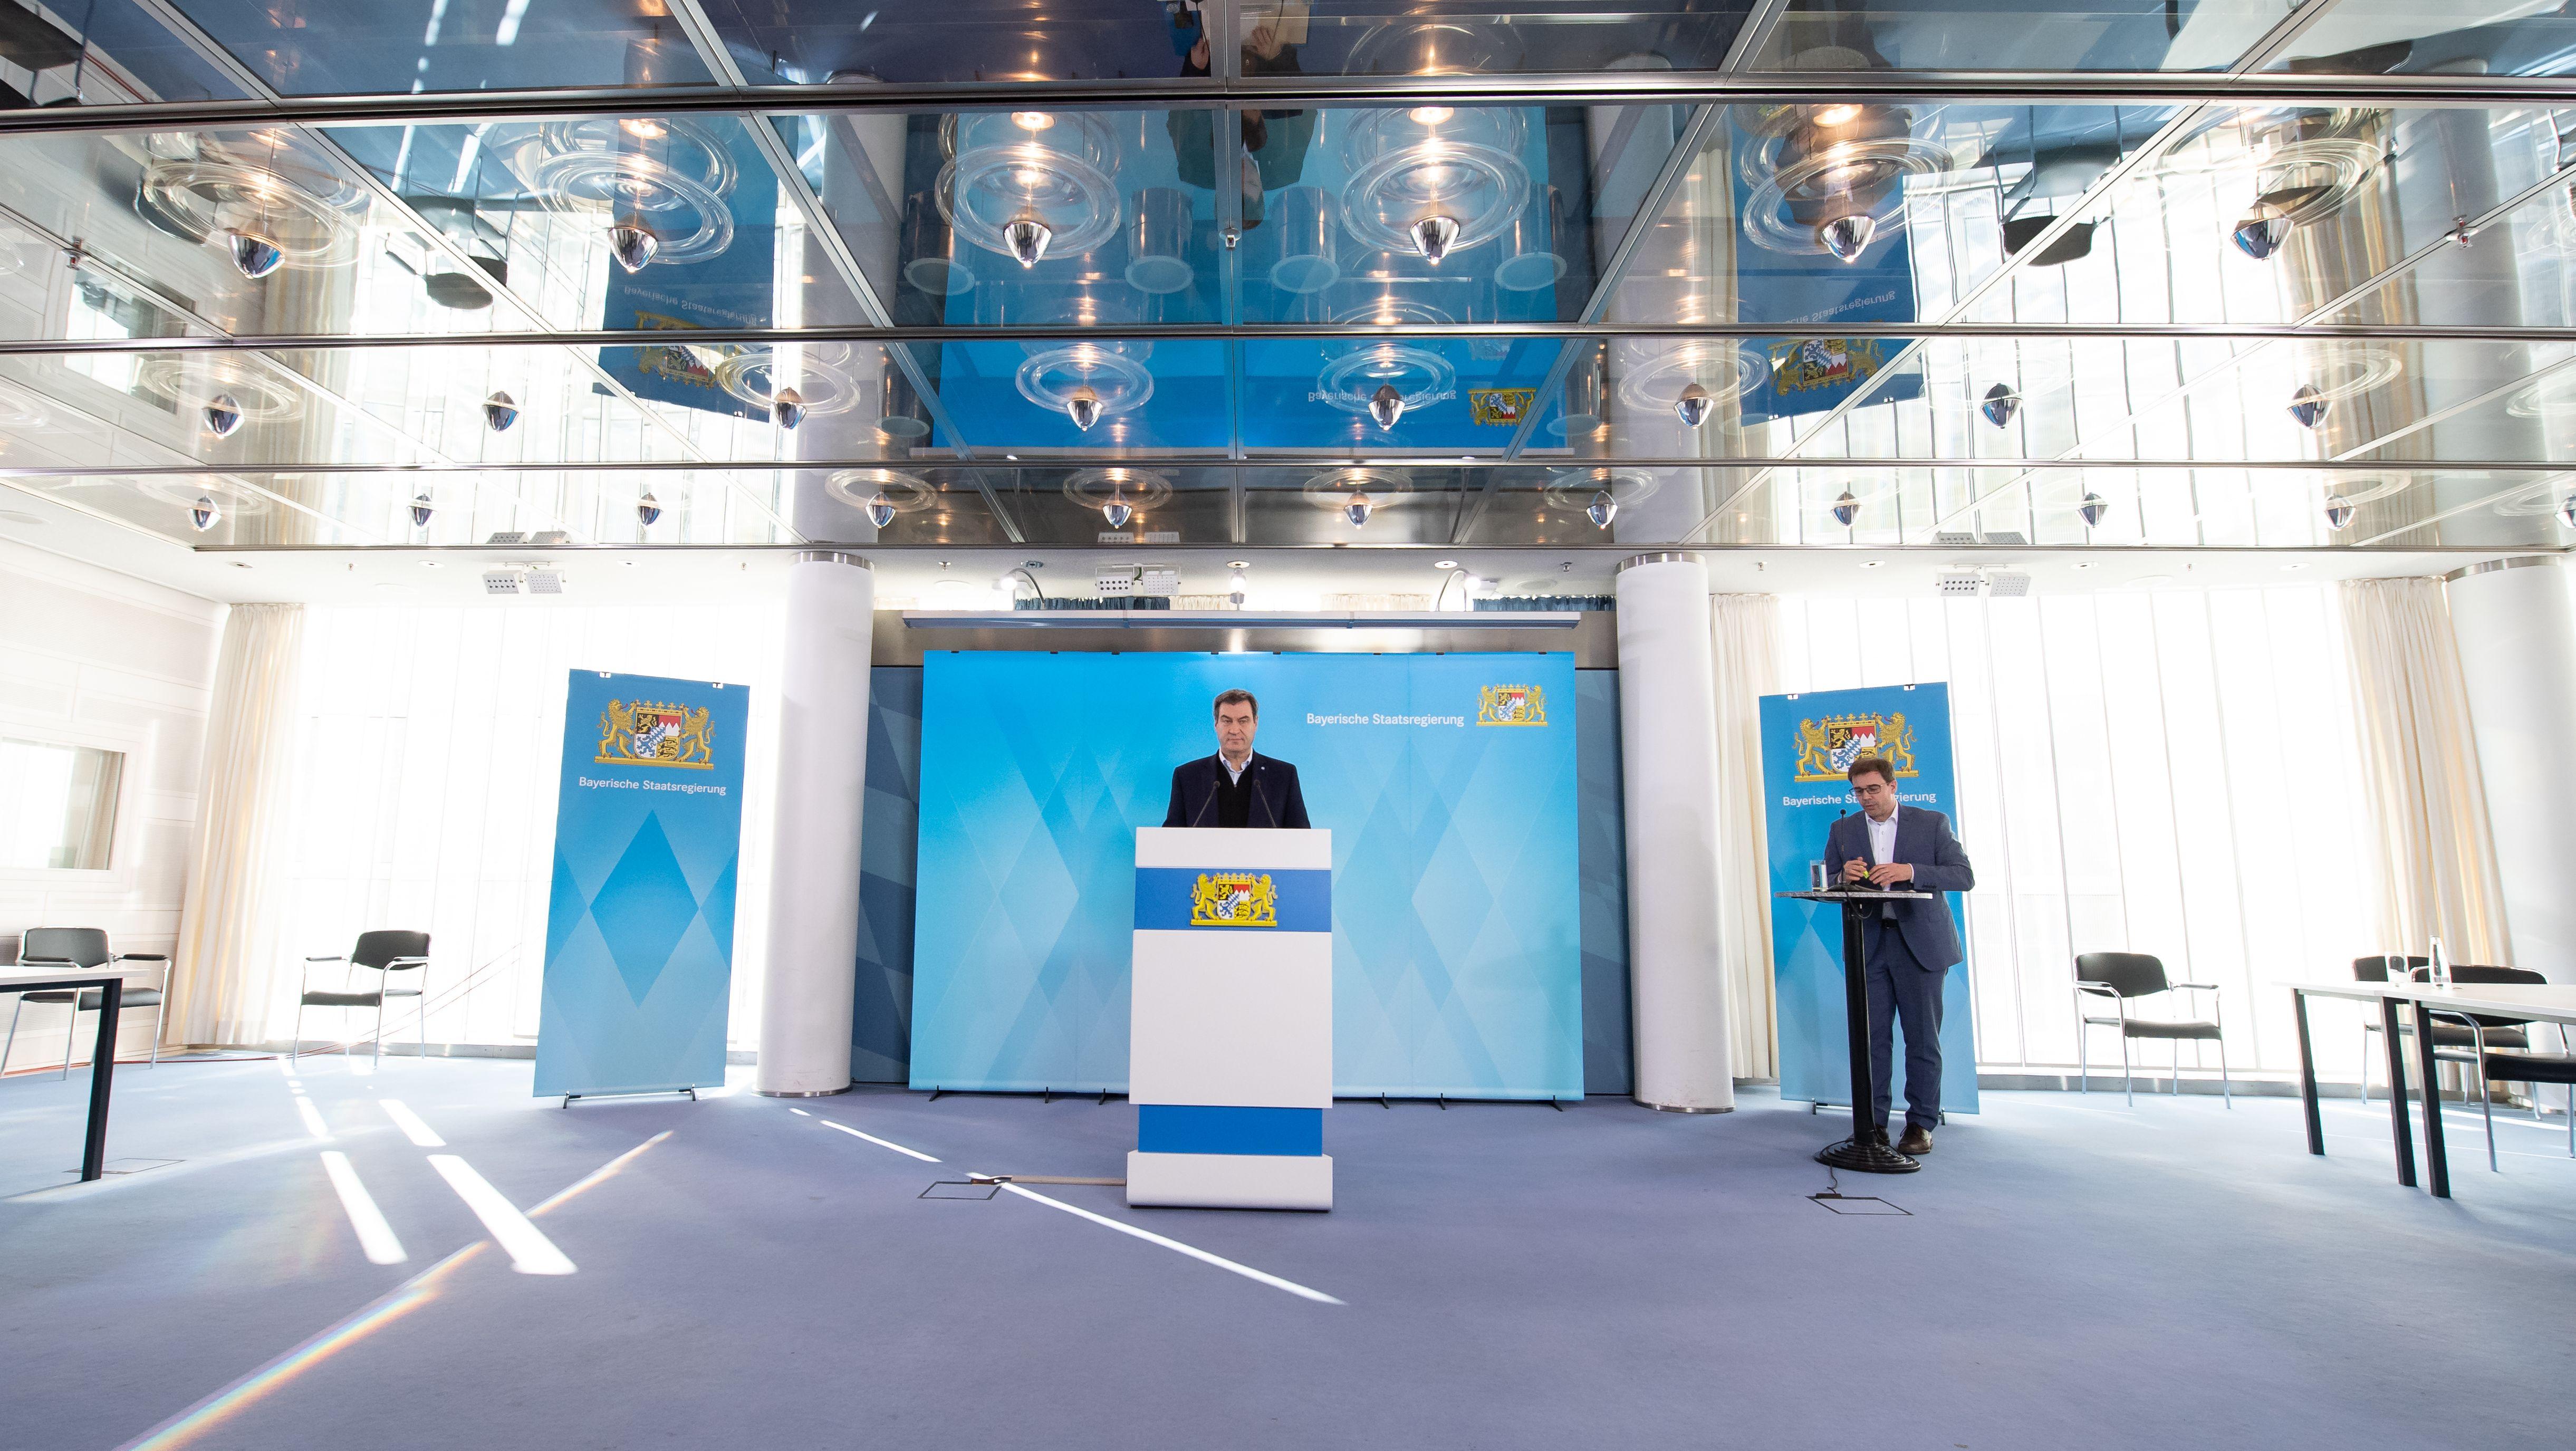 Keine Journalisten im Raum, Übertragung per Livestream: PK mit Ministerpräsident Söder (l.) und Regierungssprecher Wittl (r.) am 1.4.20